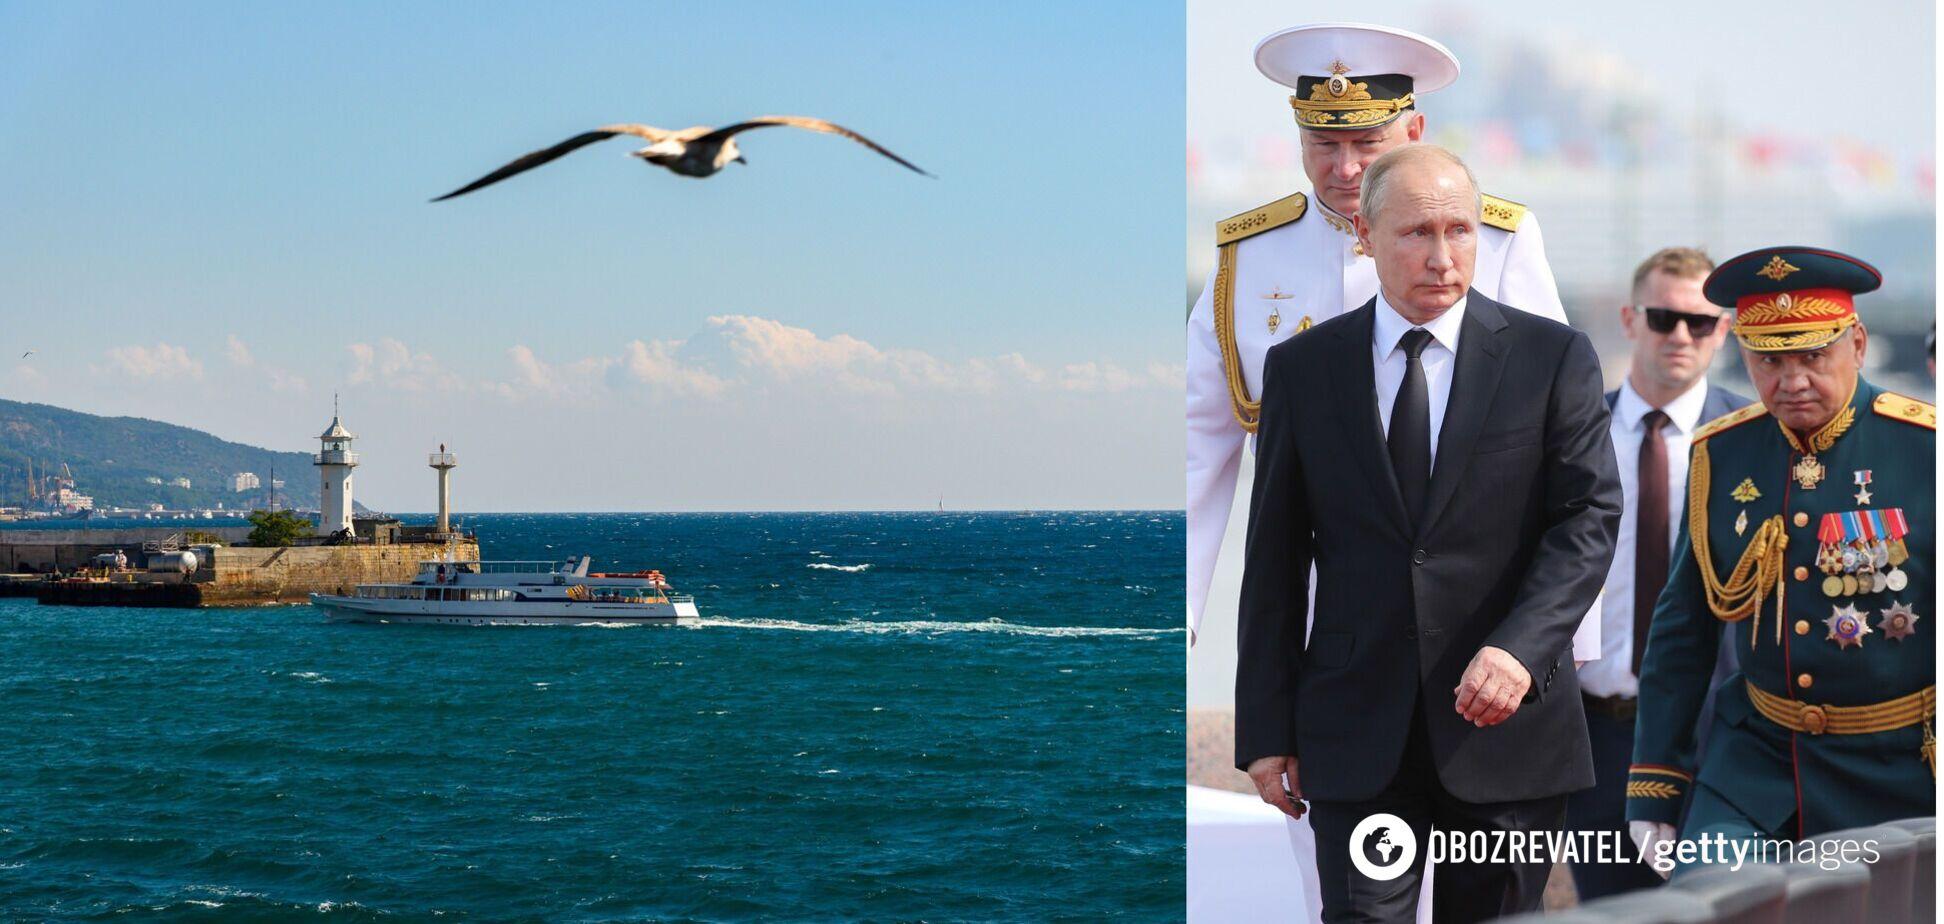 Донбасс и Крым будут объединены в единую претензию Украины к России, – Арестович